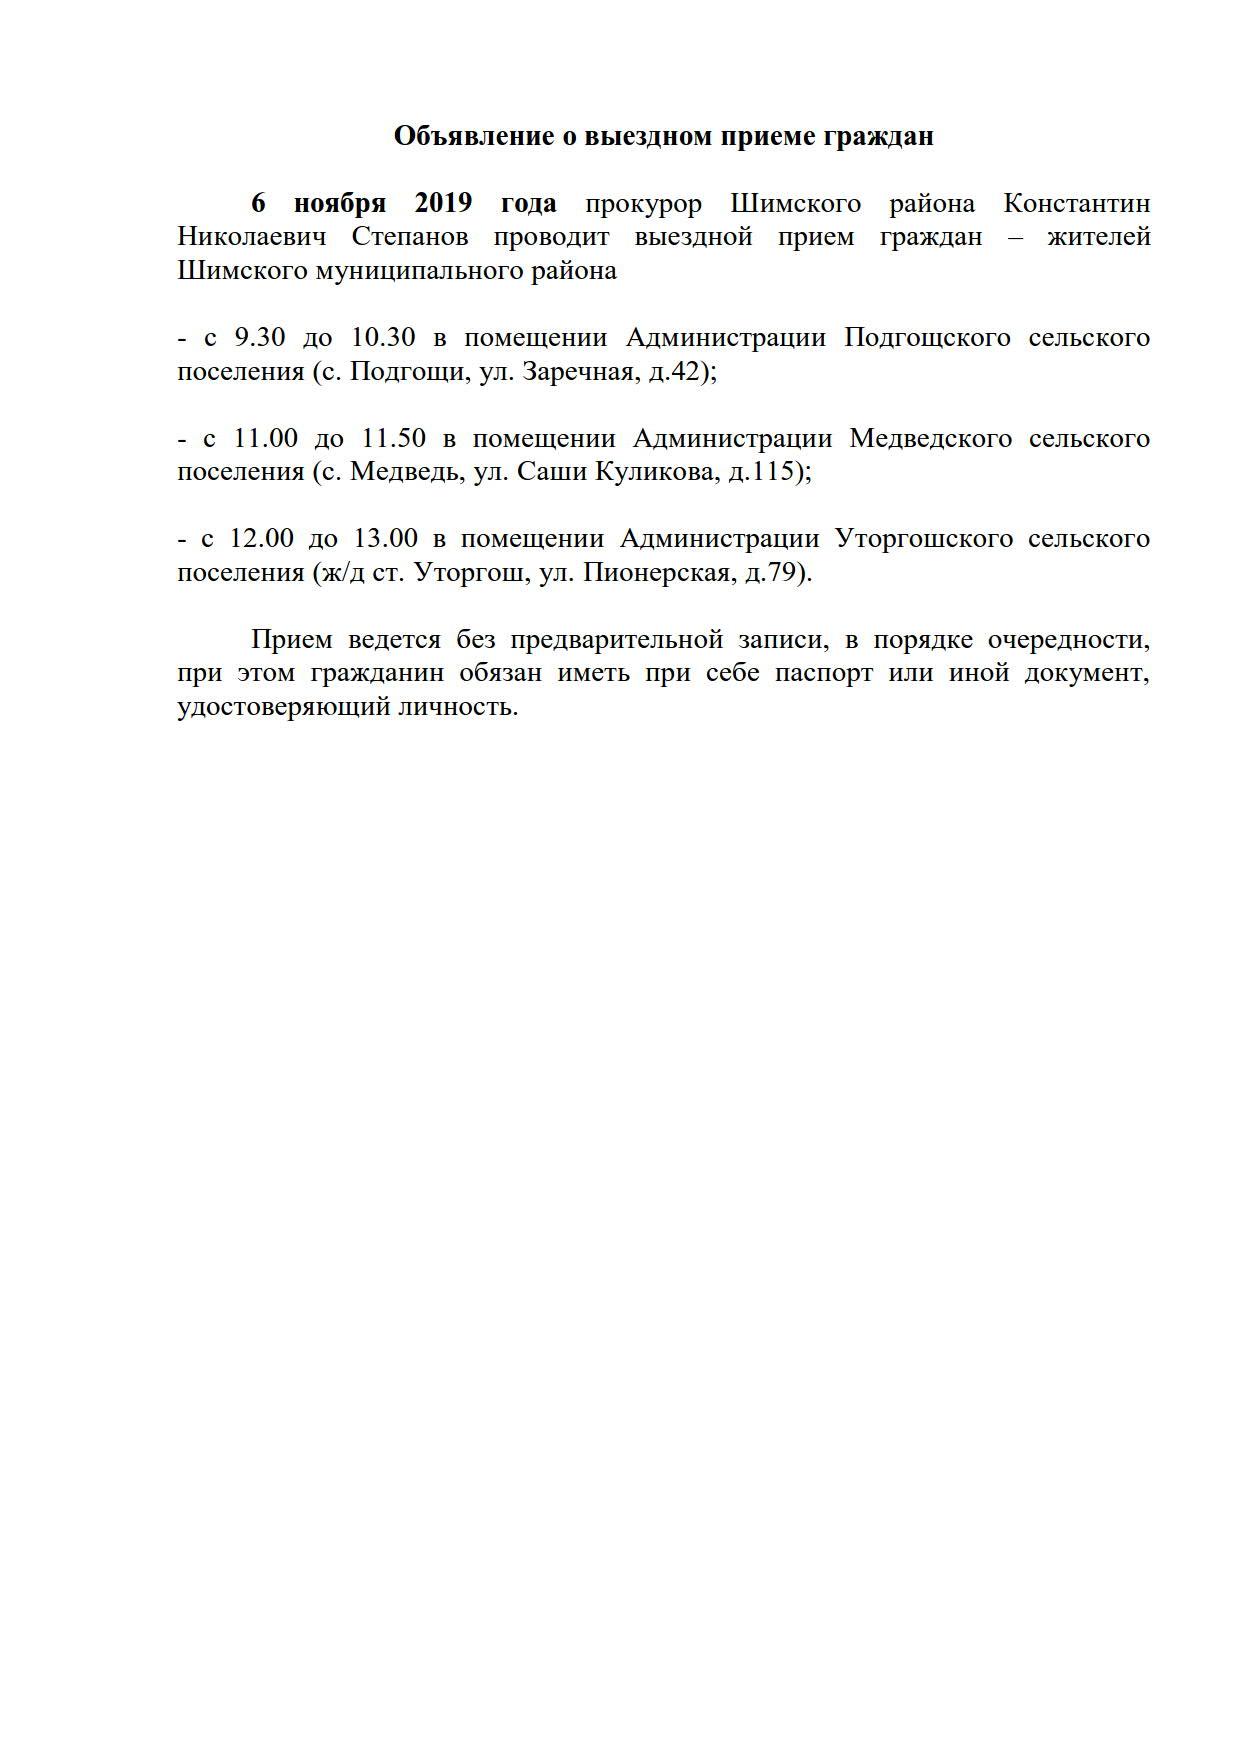 на сайт АДМ - выездной прием граждан 06.11.2019_1